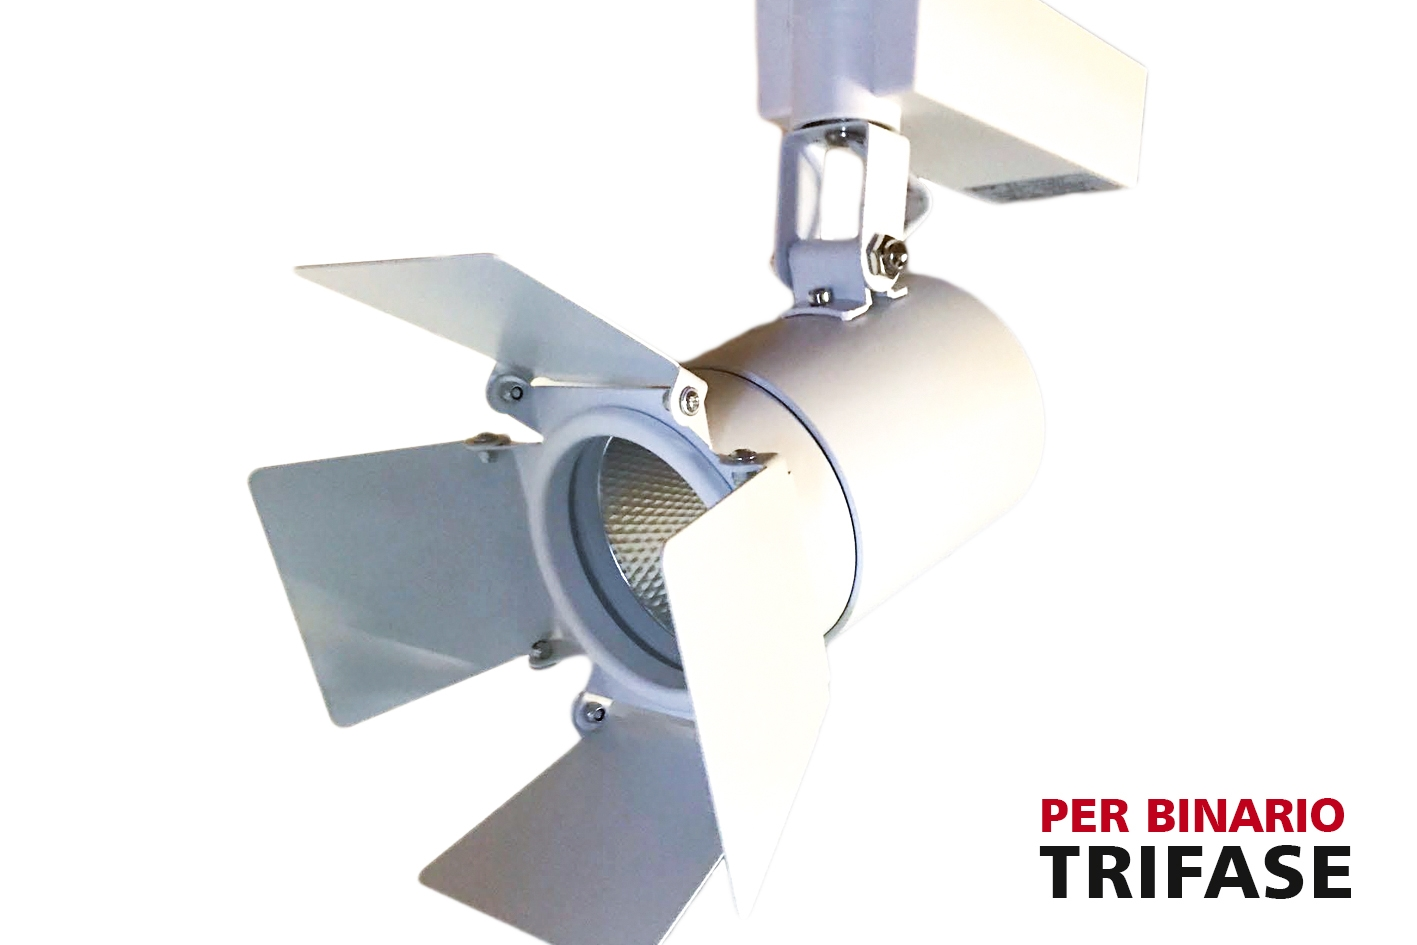 Faro Lampada Led A Binario Trifase 30W Bianco Caldo Carcassa Bianca Luce Stretta 24 Gradi Con Riflettore Regolabile - PZ